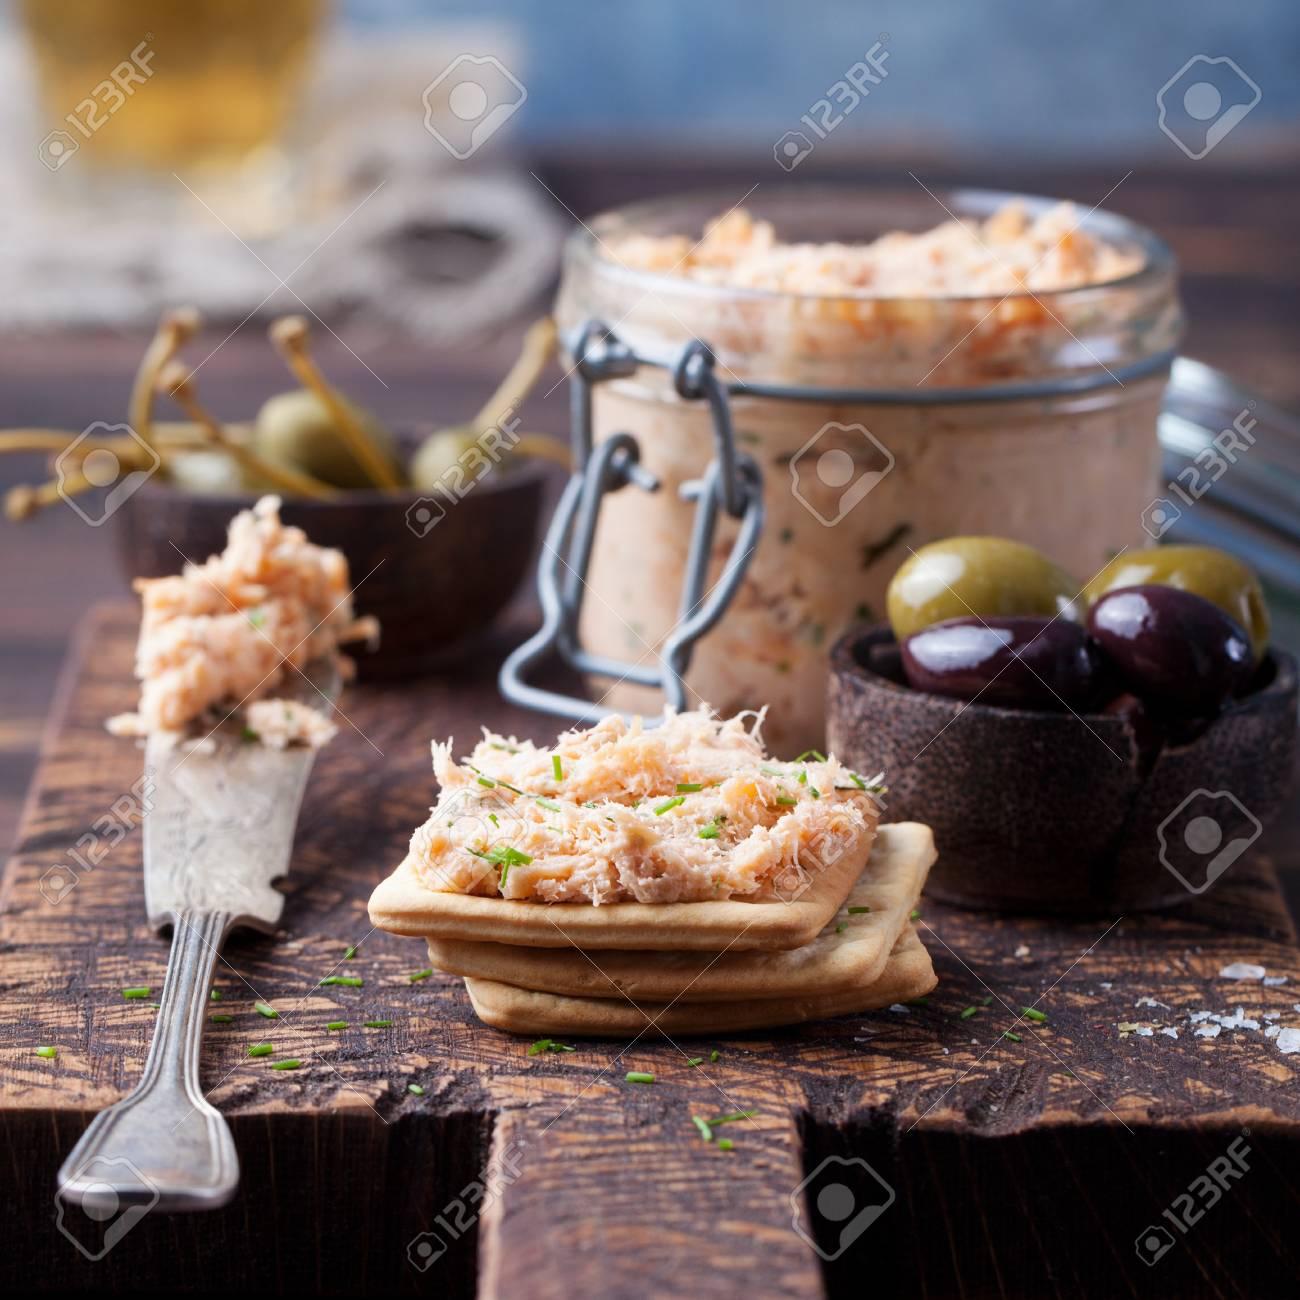 Saumon Fume Et Pate Molle Au Fromage Mousse Pate Dans Un Bocal